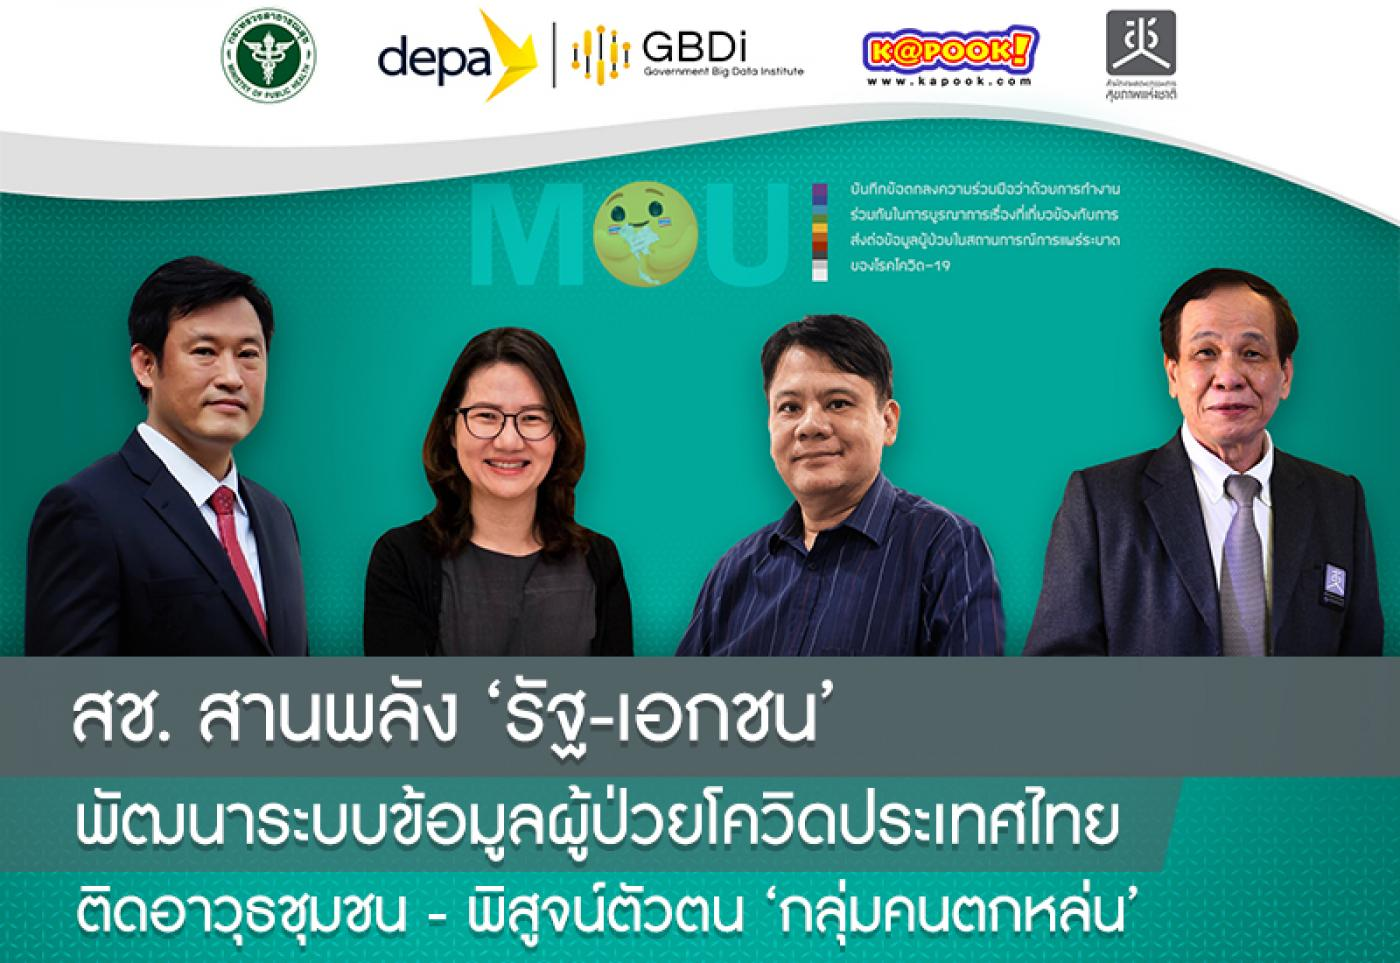 สช. สานพลัง 'รัฐ-เอกชน' พัฒนาระบบข้อมูลผู้ป่วยโควิดประเทศไทย